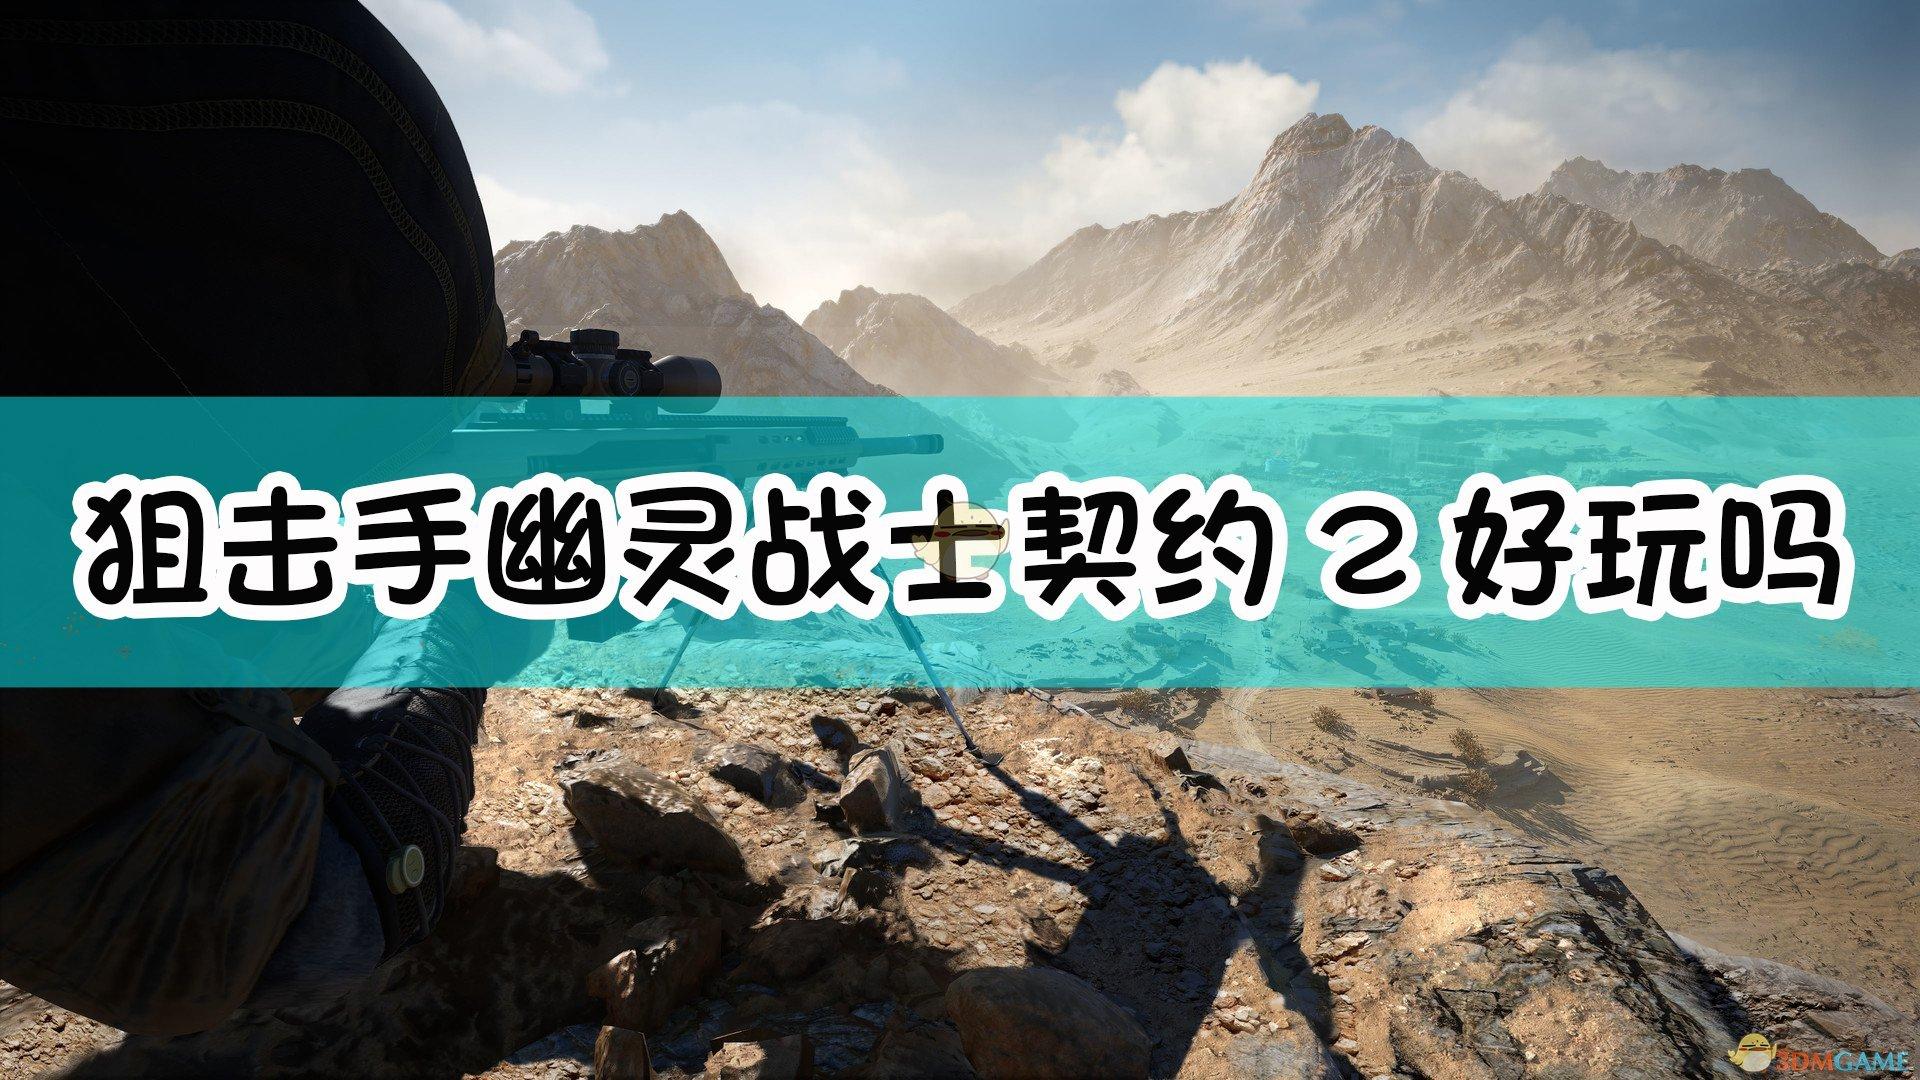 《狙击手:幽灵战士契约2》游戏特色介绍